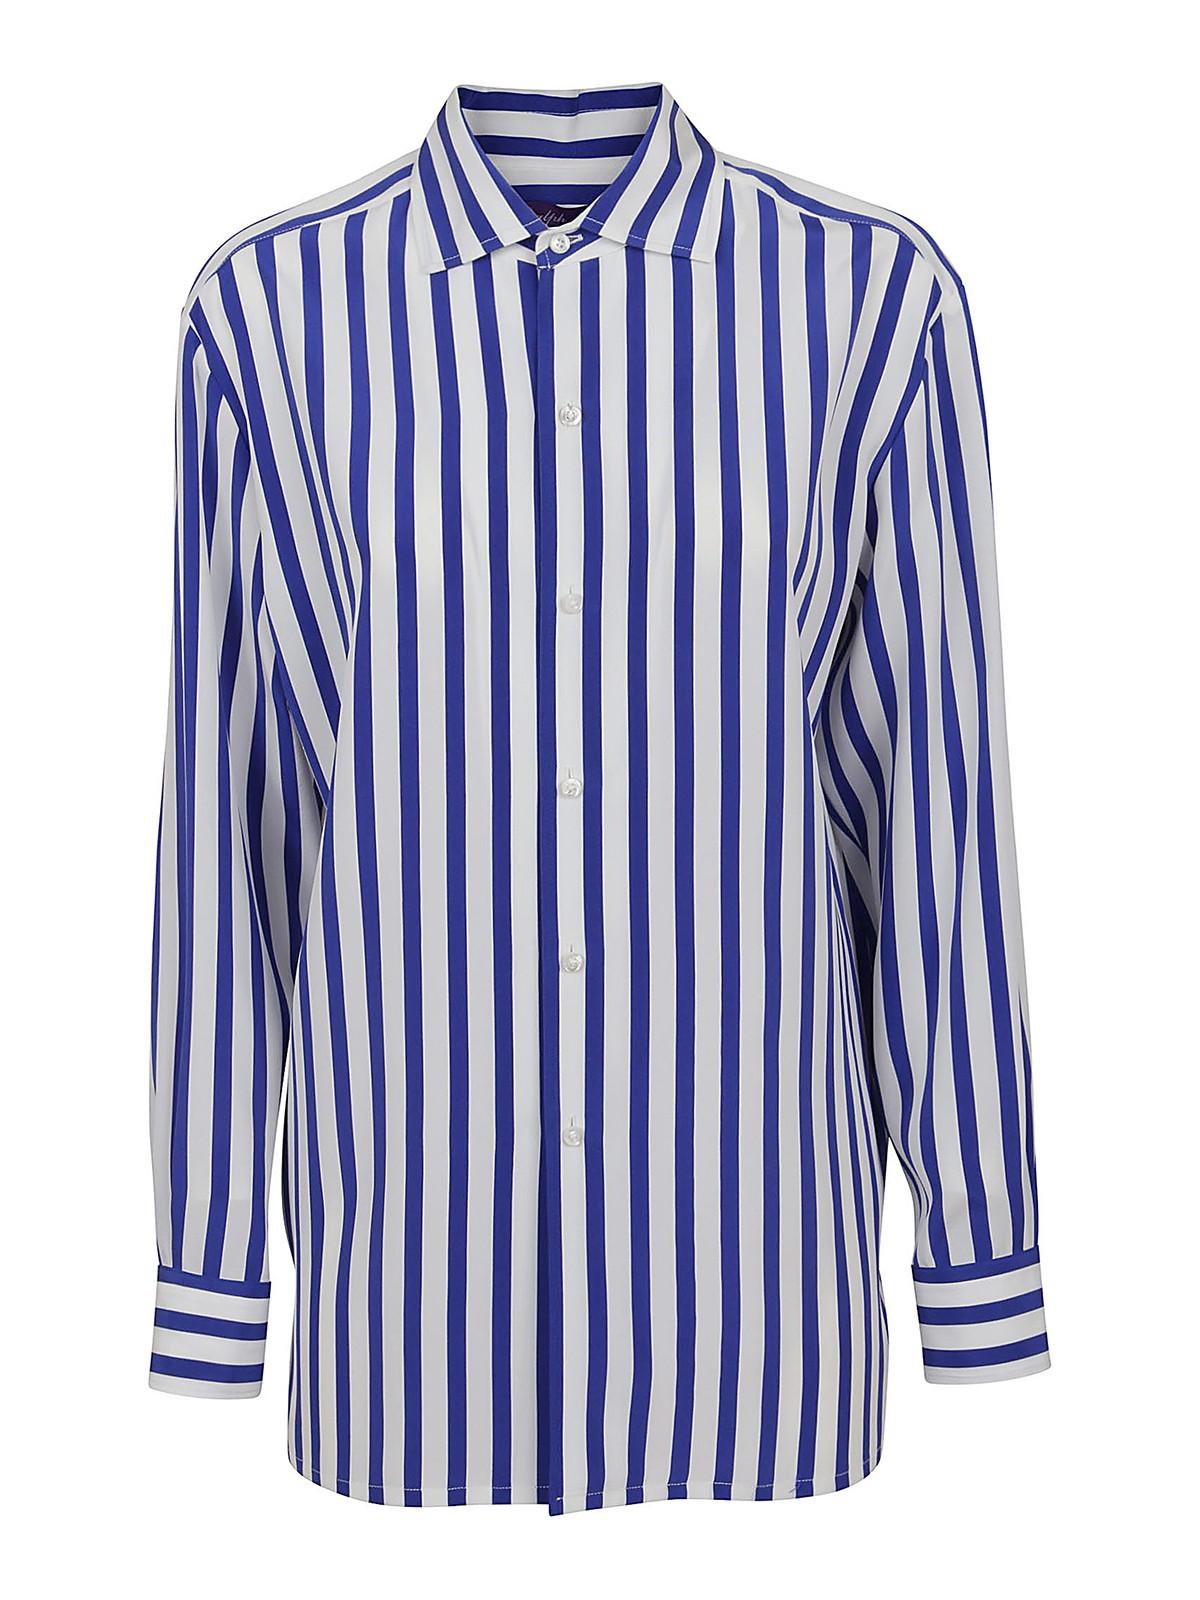 Ralph Lauren Shirts CAPRI SHIRT